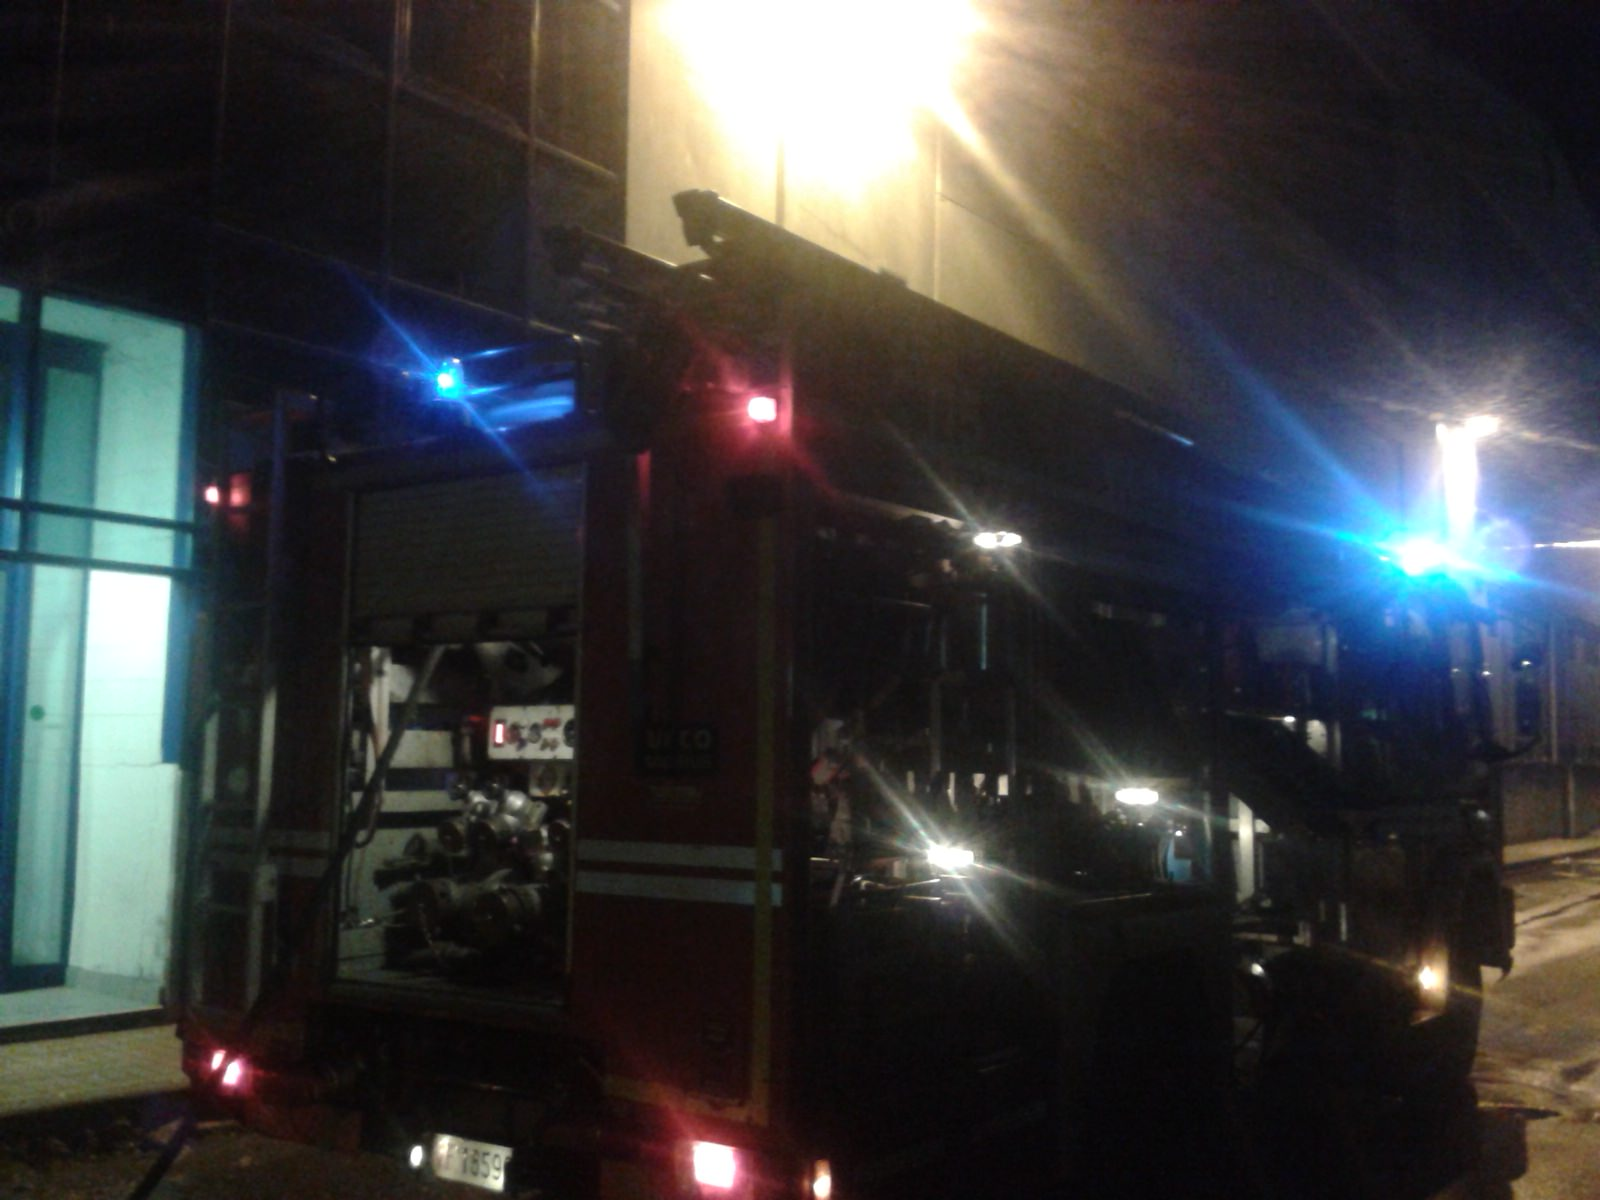 Incendio al cantiere San Lorenzo. Danneggiati alcuni pannelli